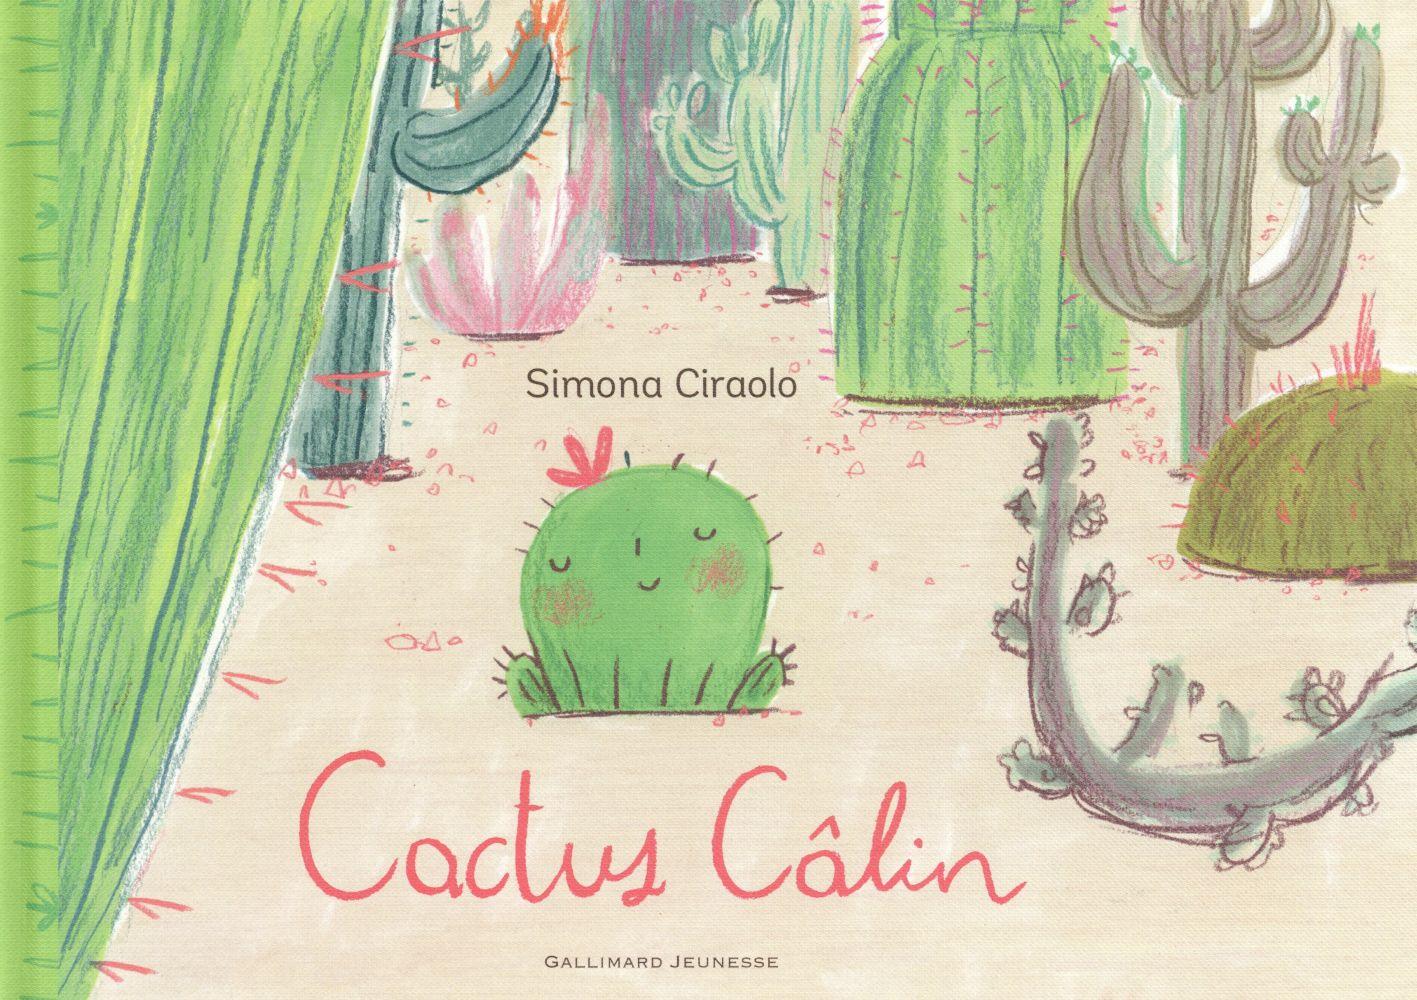 Cactus calin